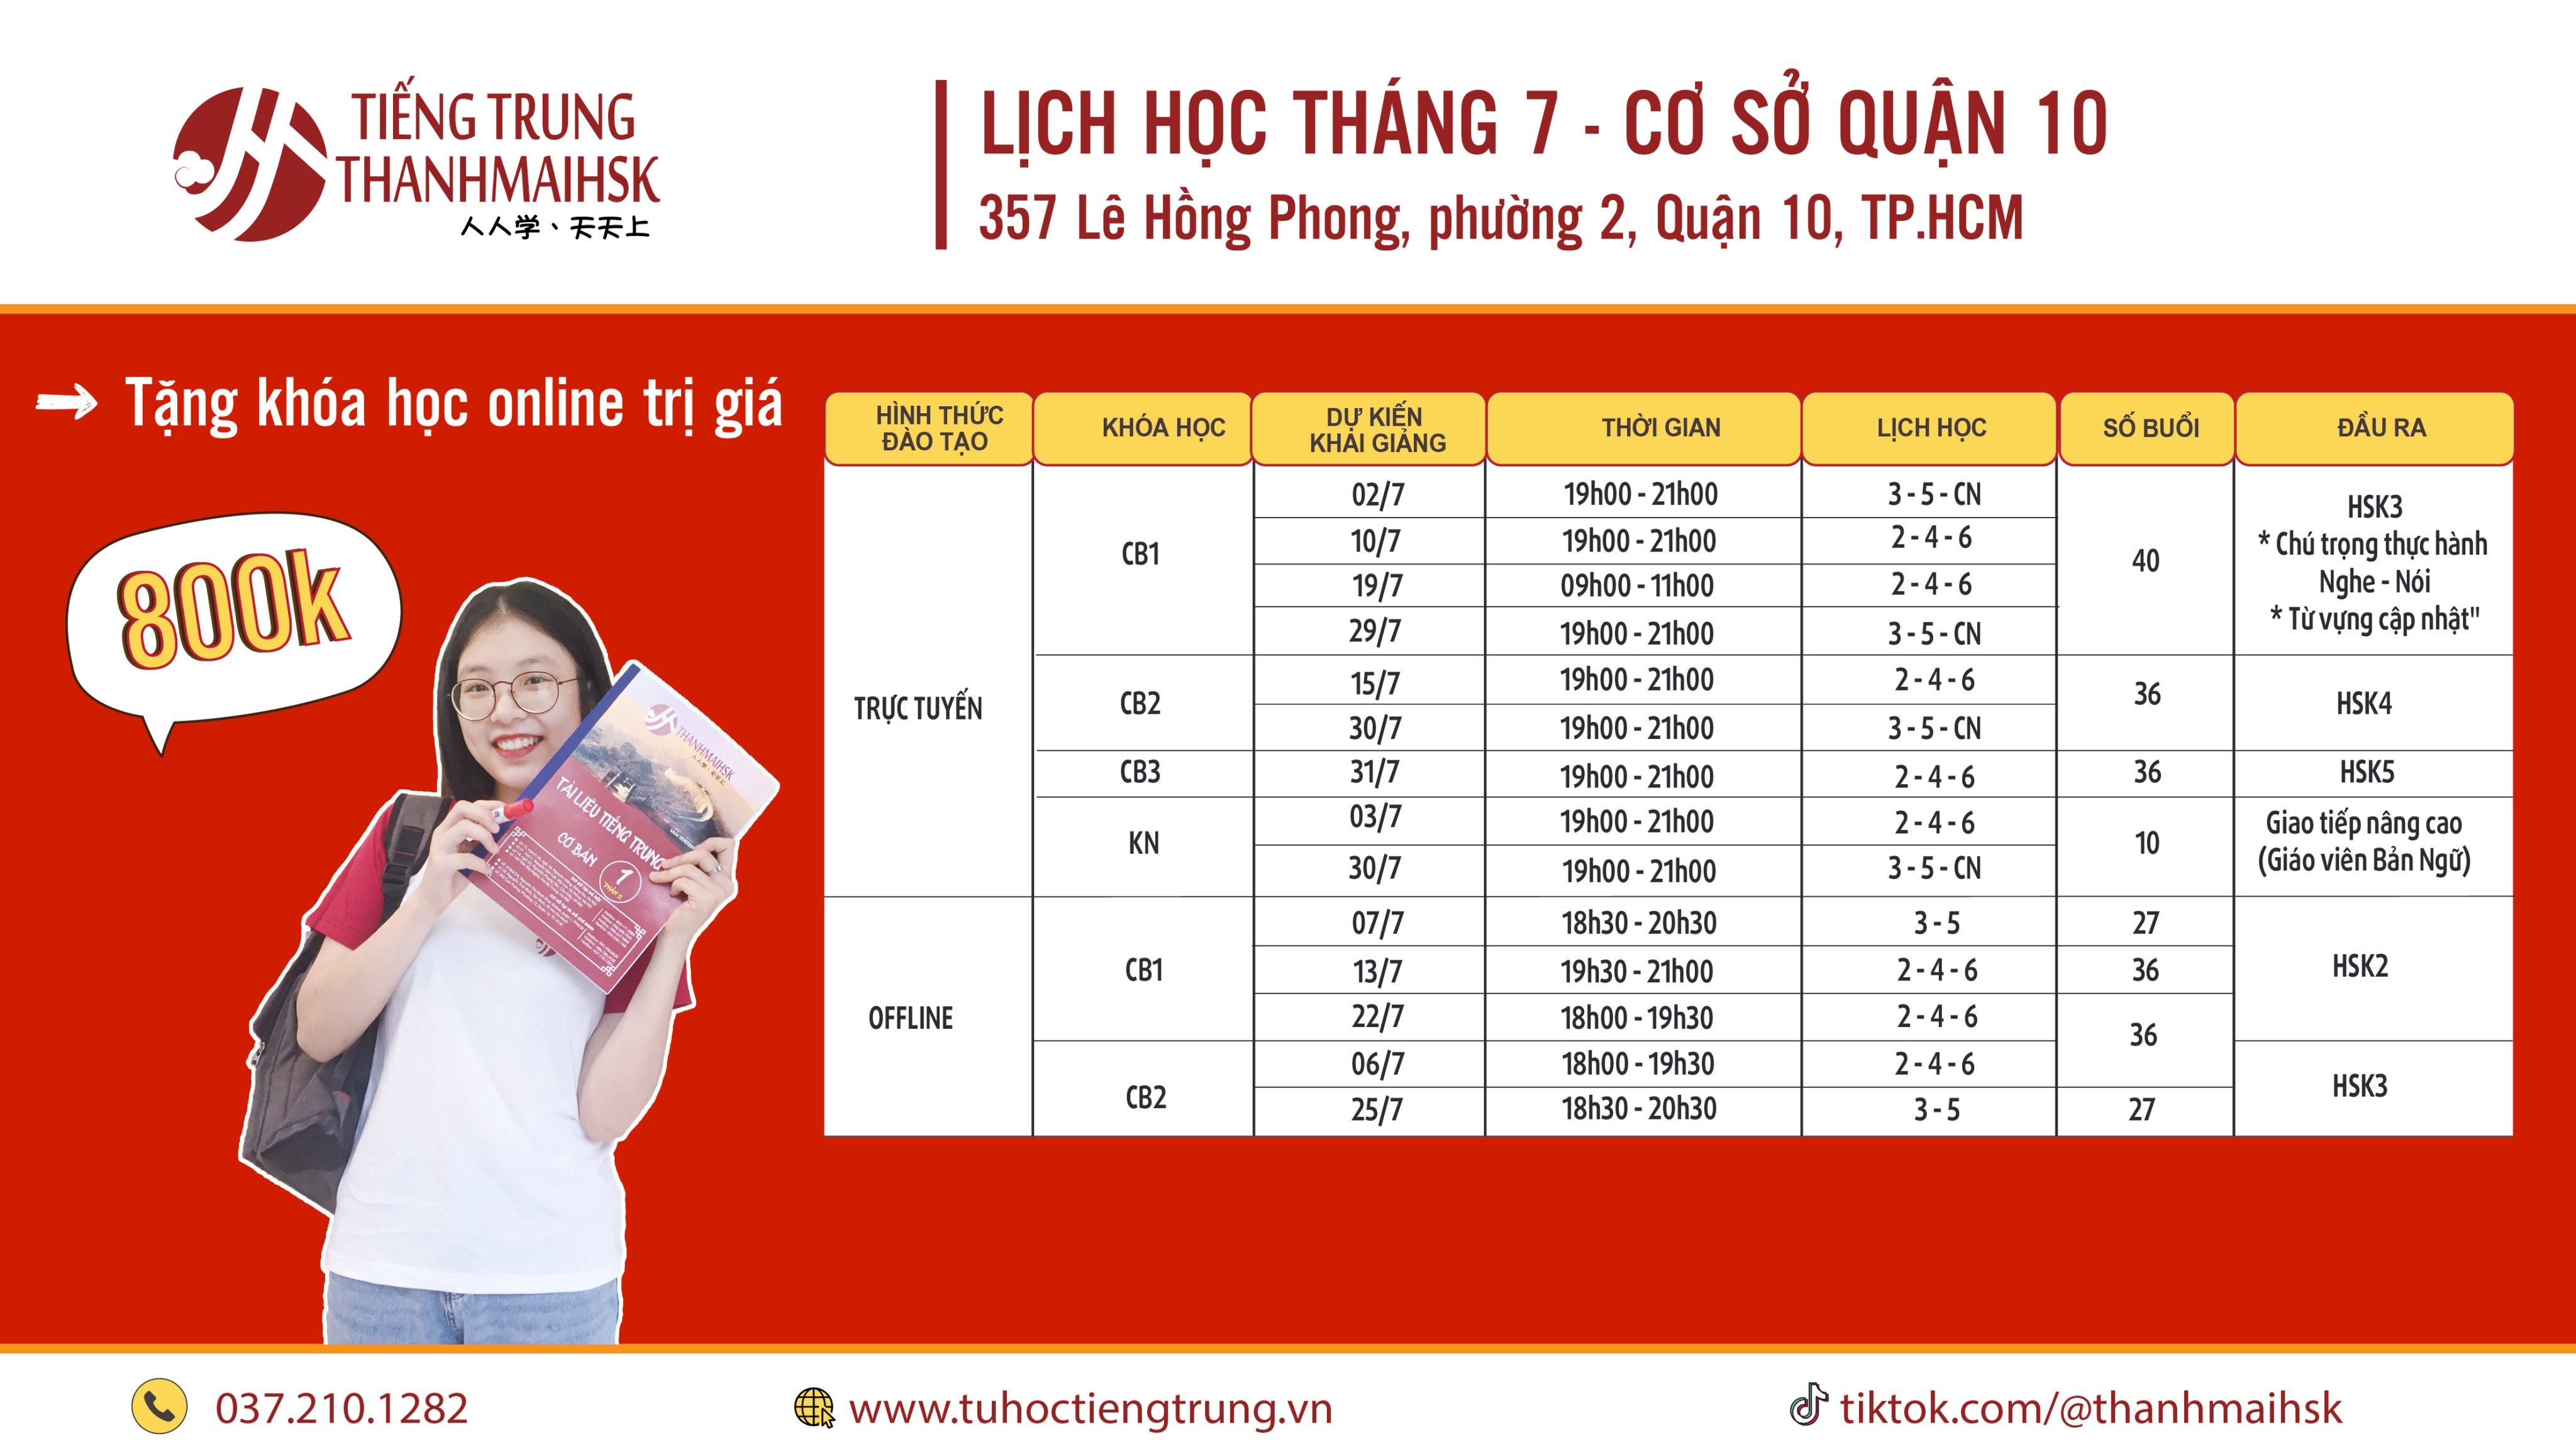 Lịch khai giảng lớp tiếng Trung tháng 7/2020 tại THANHMAIHSK cơ sở quận 10 – Hồ Chí Minh